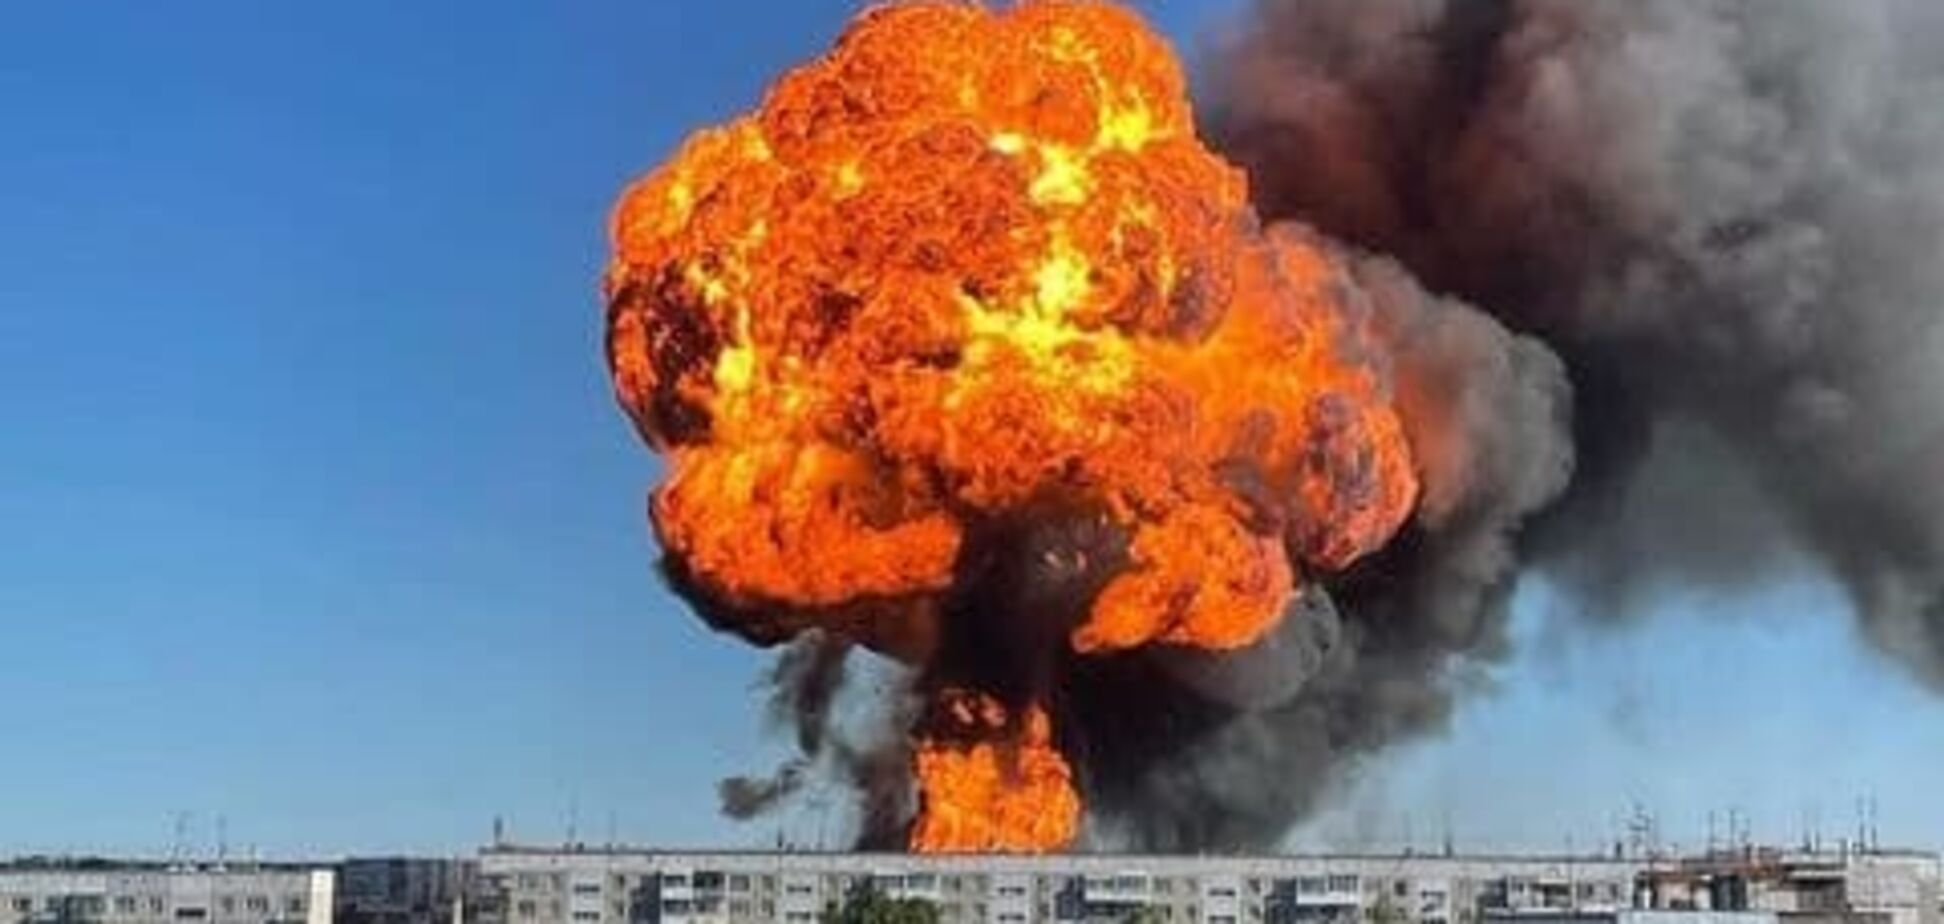 В России на АЗС после серии взрывов поднялся столб огня в небо